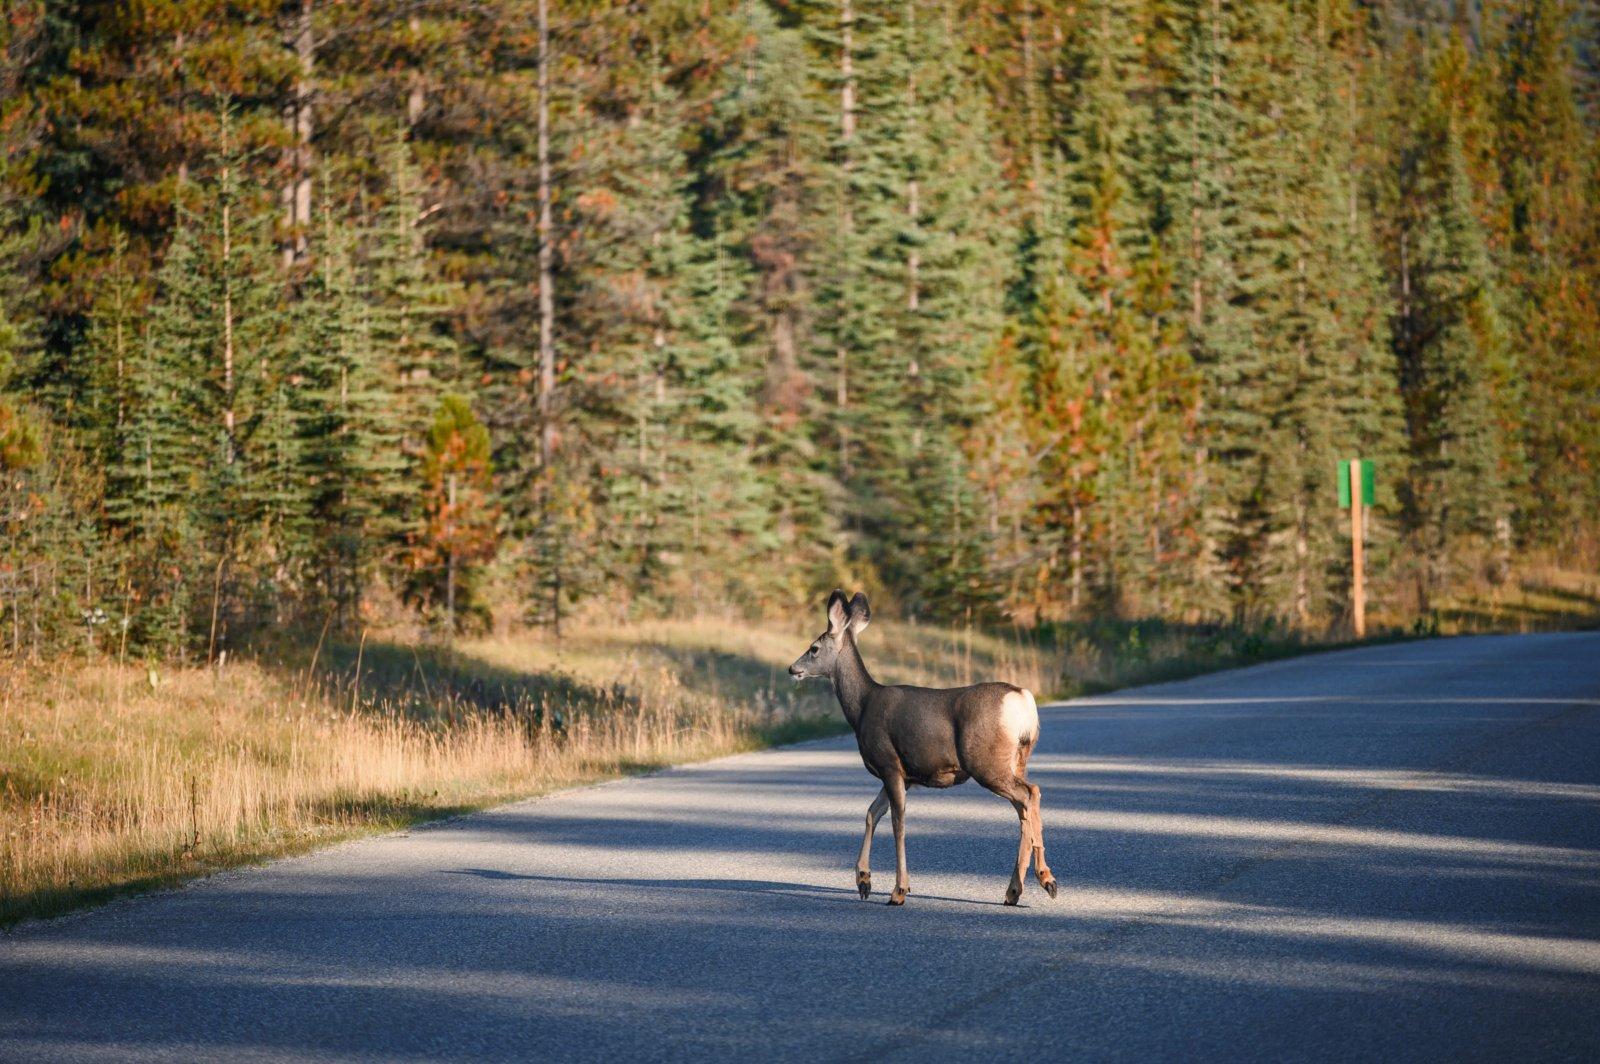 Būkite budrūs vairuodami – Trakų rajono keliuose gausu laukinių gyvūnų